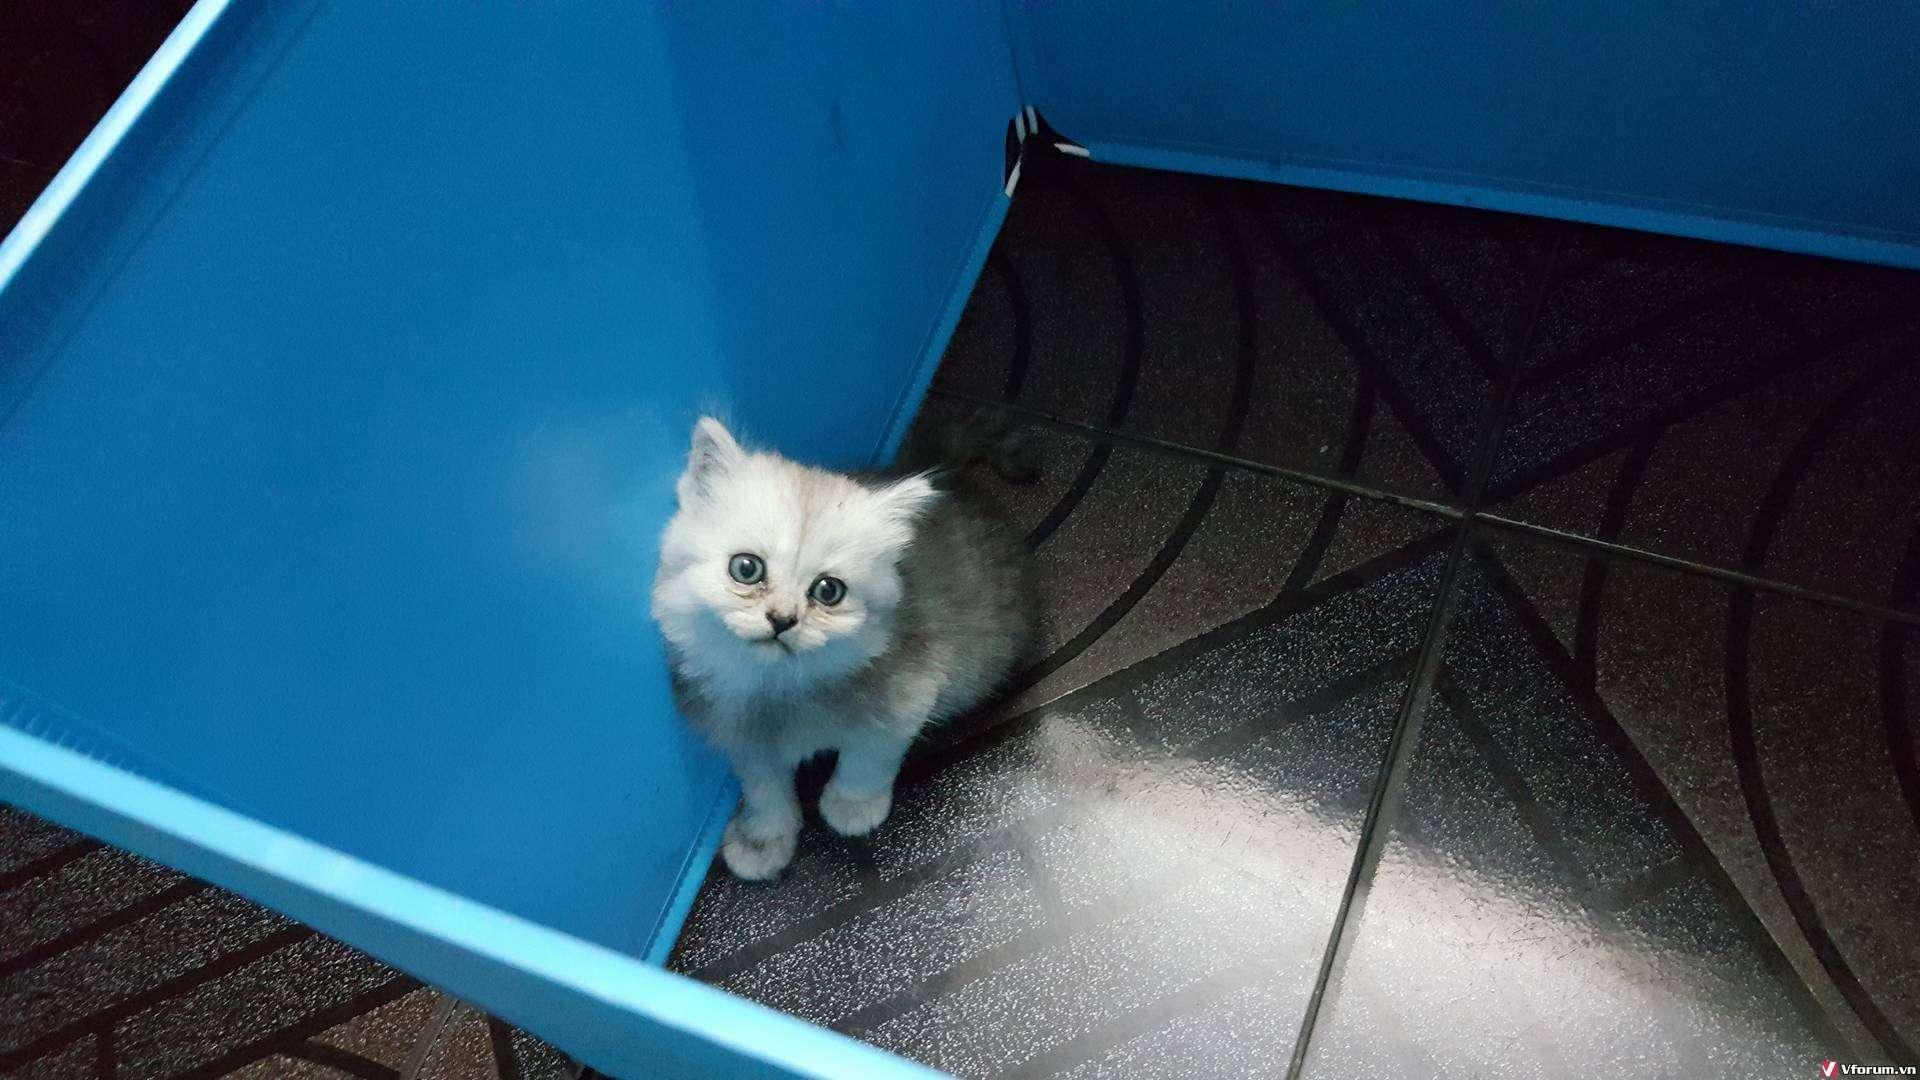 Nhận đặt gạch đàn mèo Scottish tai cụp, silver tappy, bicolor - 10